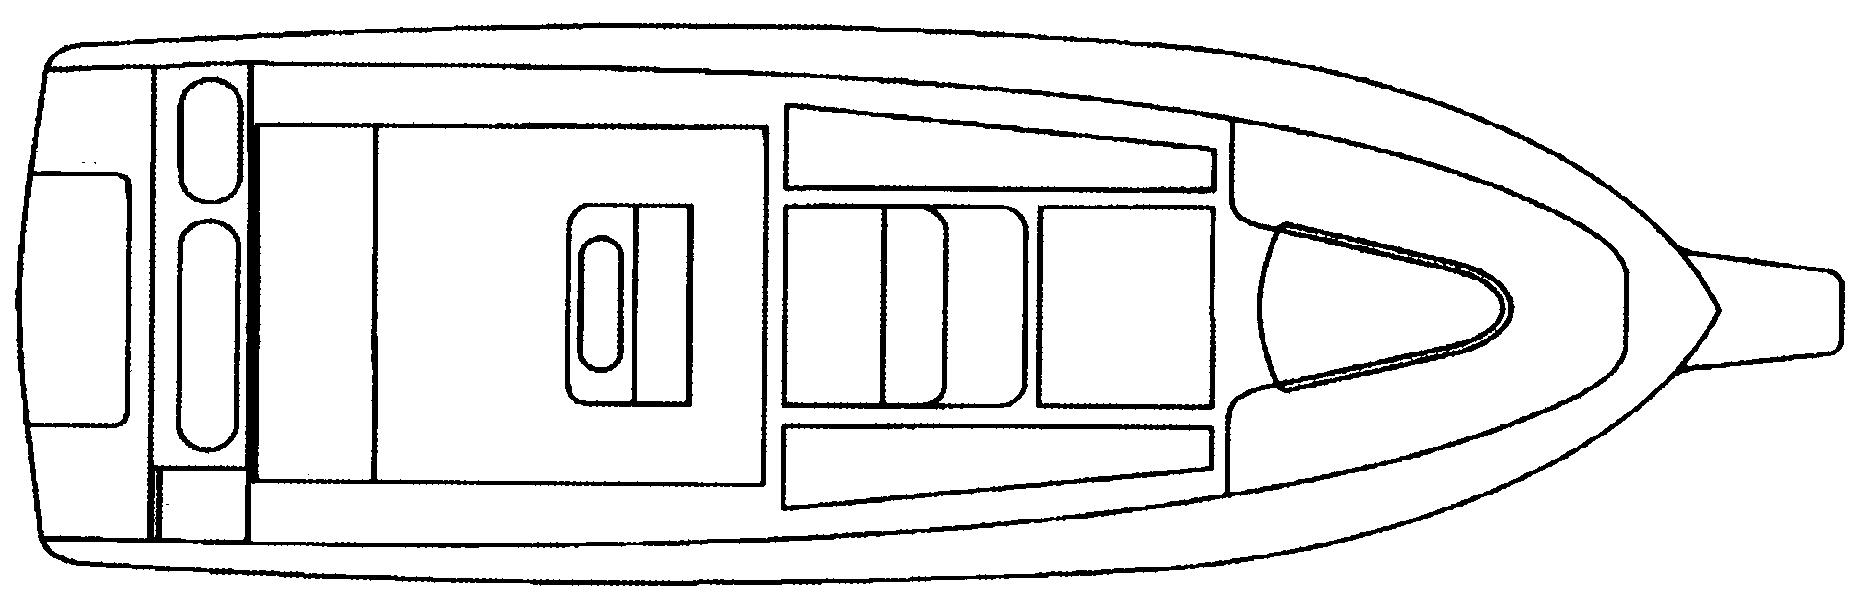 290 Tarpon Floor Plan 1